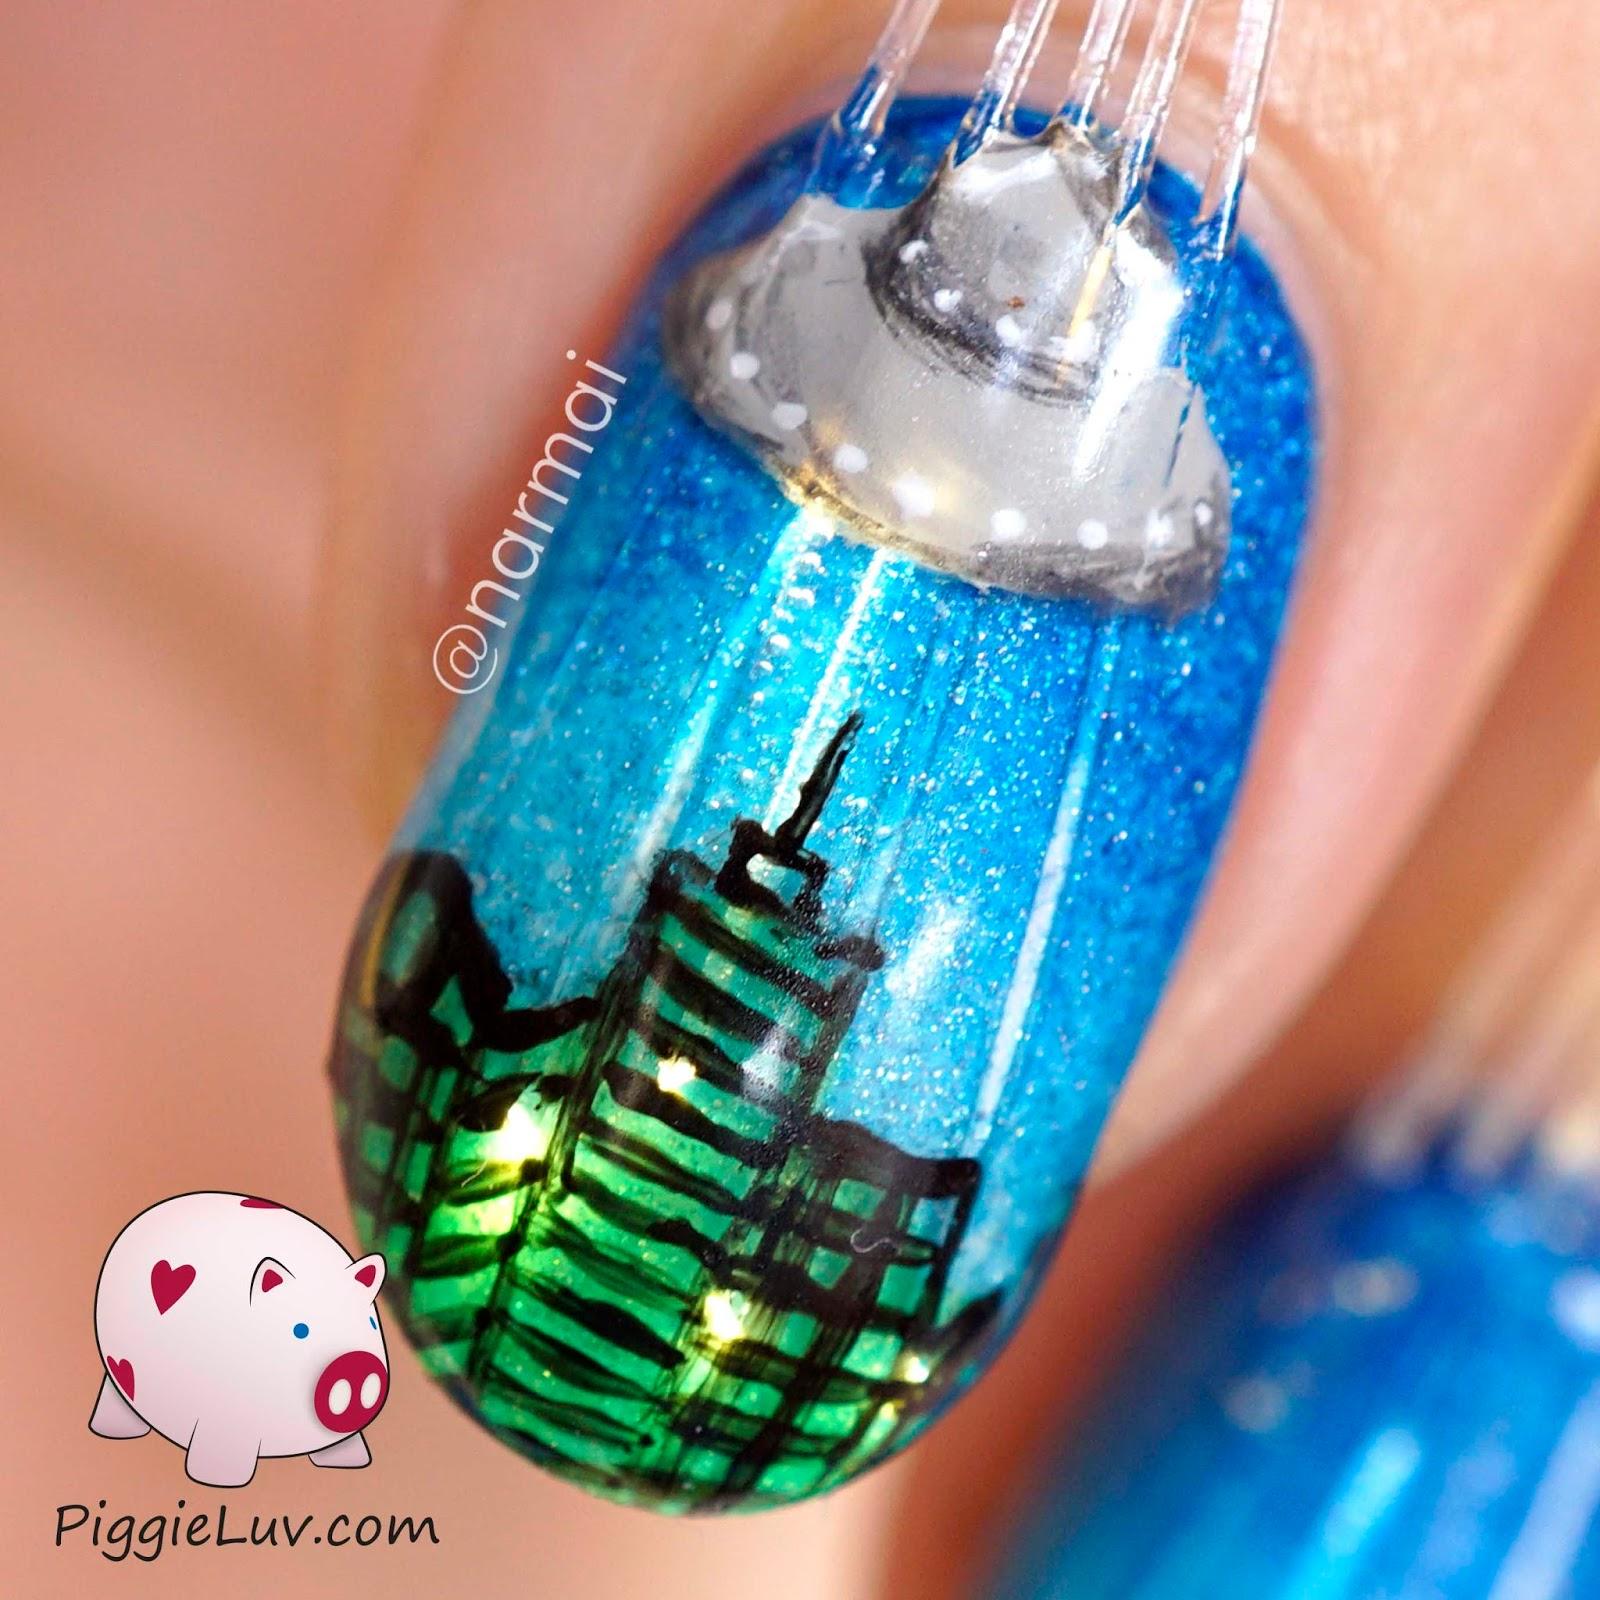 PiggieLuv: Fiber optics alien attack nail art